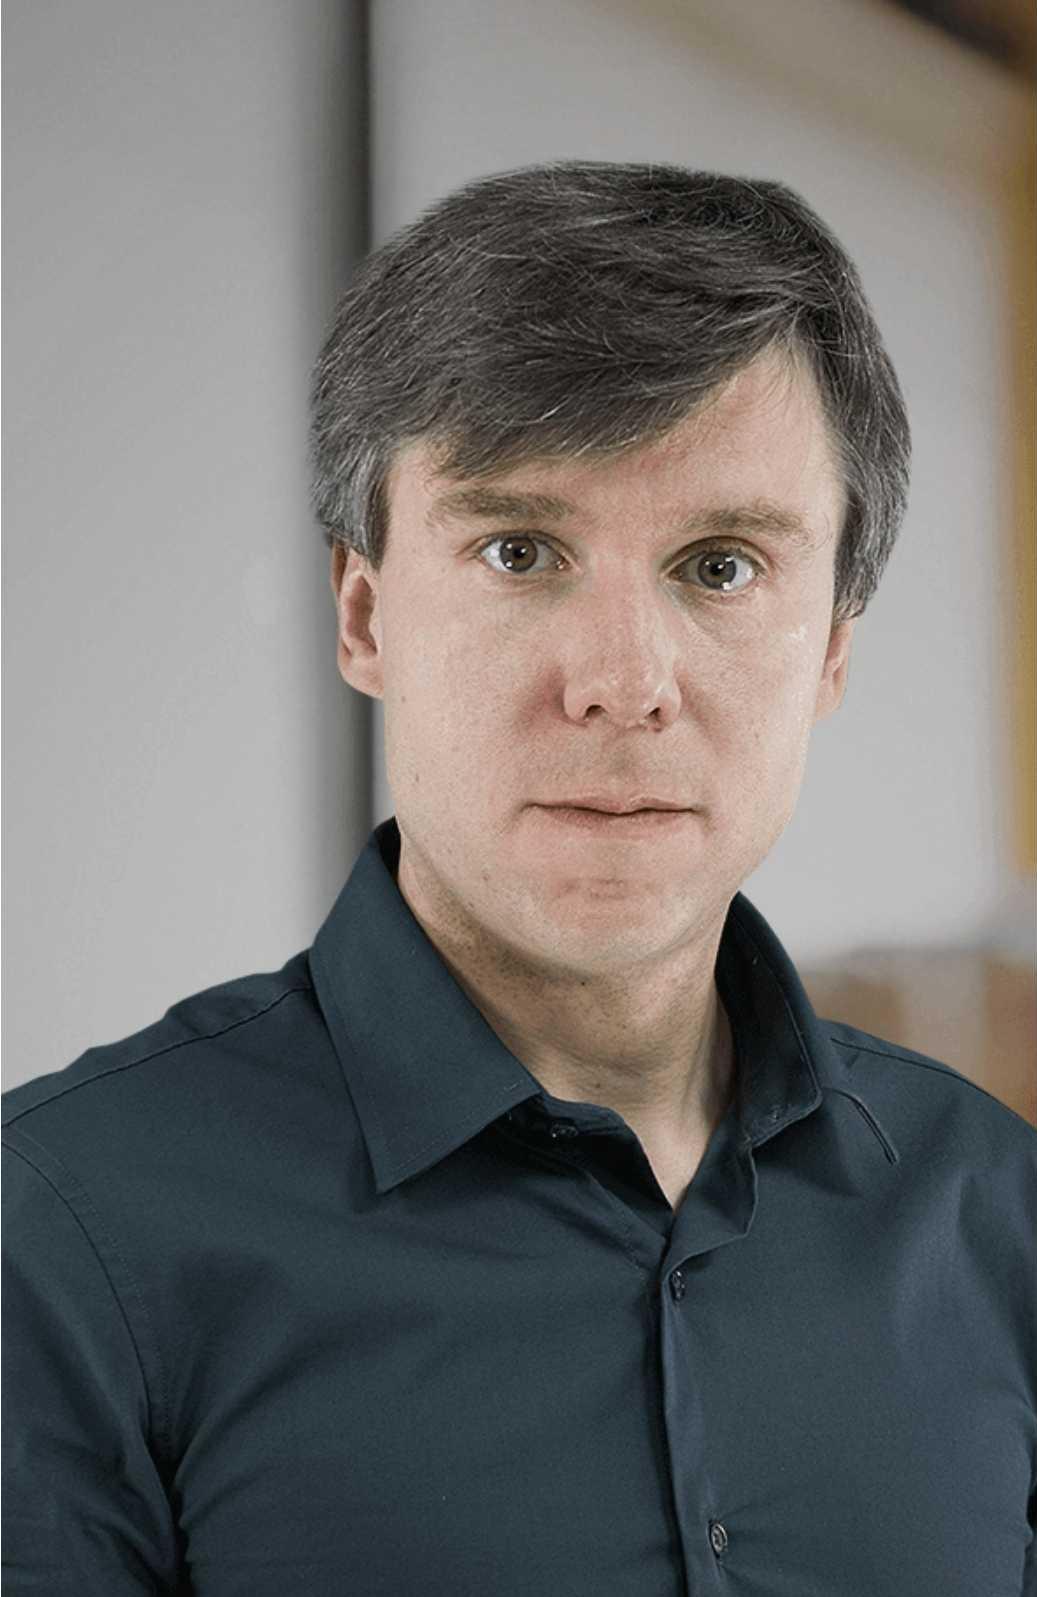 Дмитрий Максимов - профессор ИТМО, автор методики SALVETE!